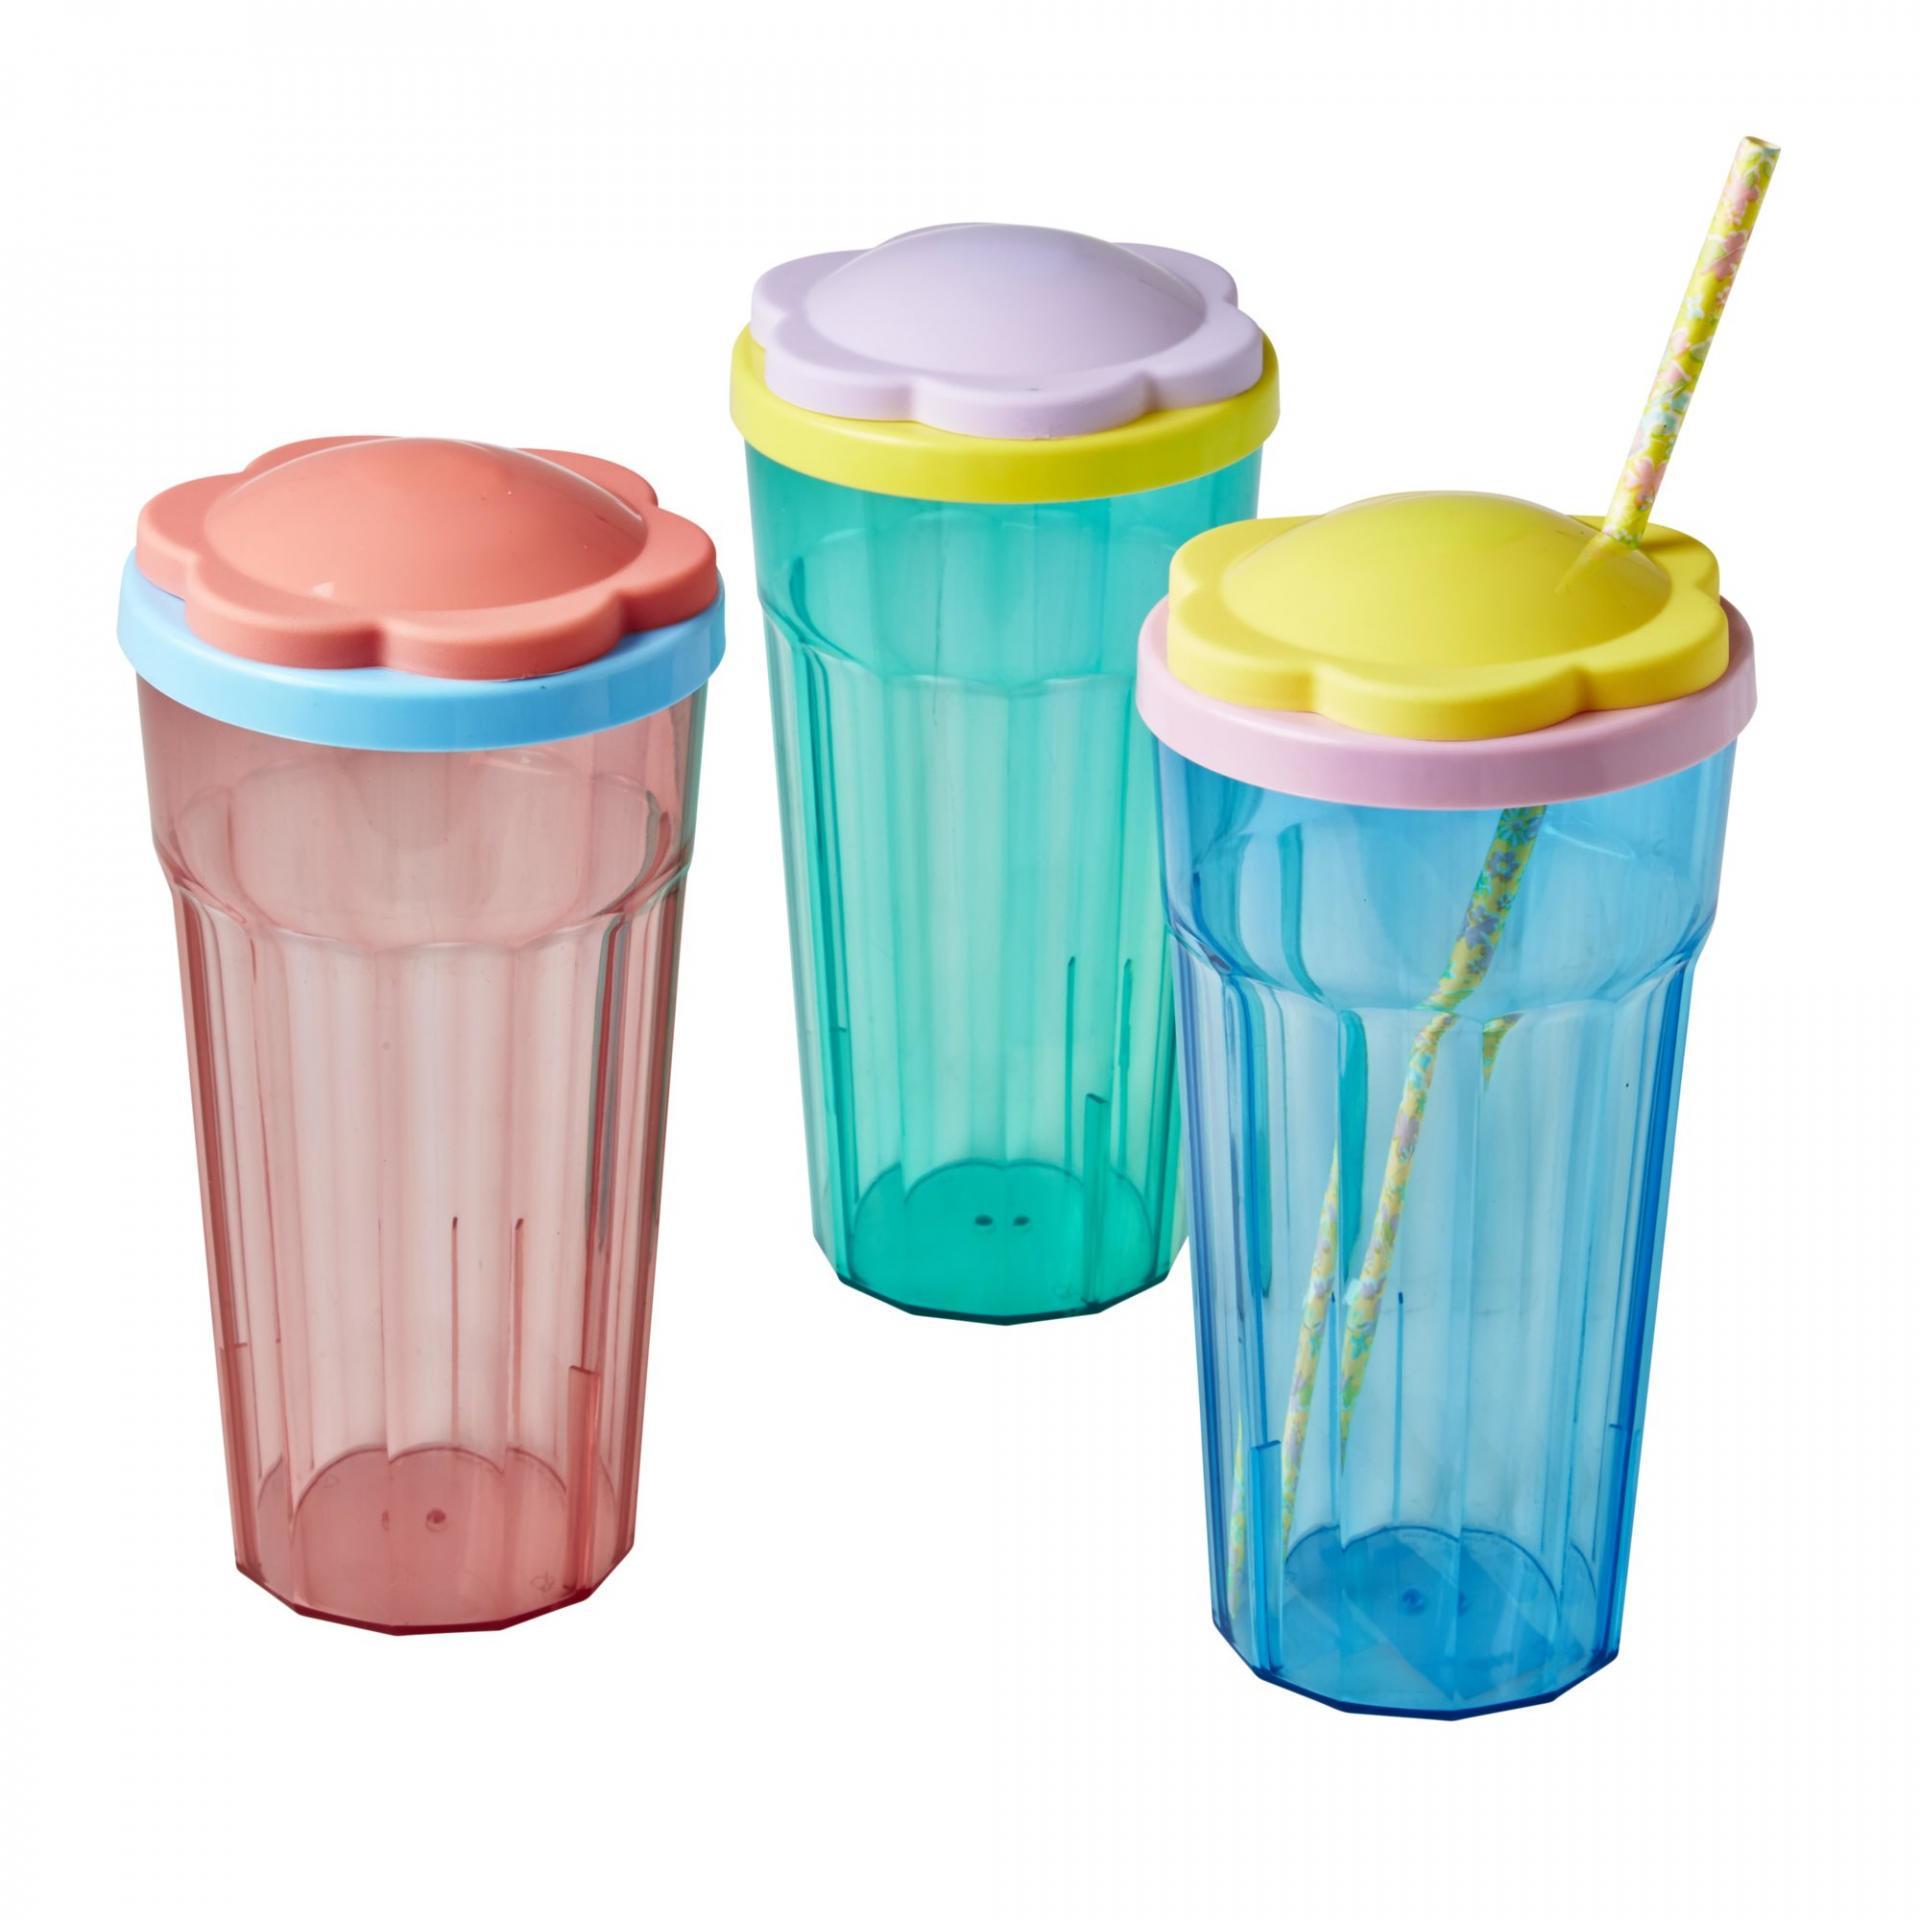 rice Plastová sklenice s víčkem Flower Růžová, růžová barva, modrá barva, zelená barva, plast